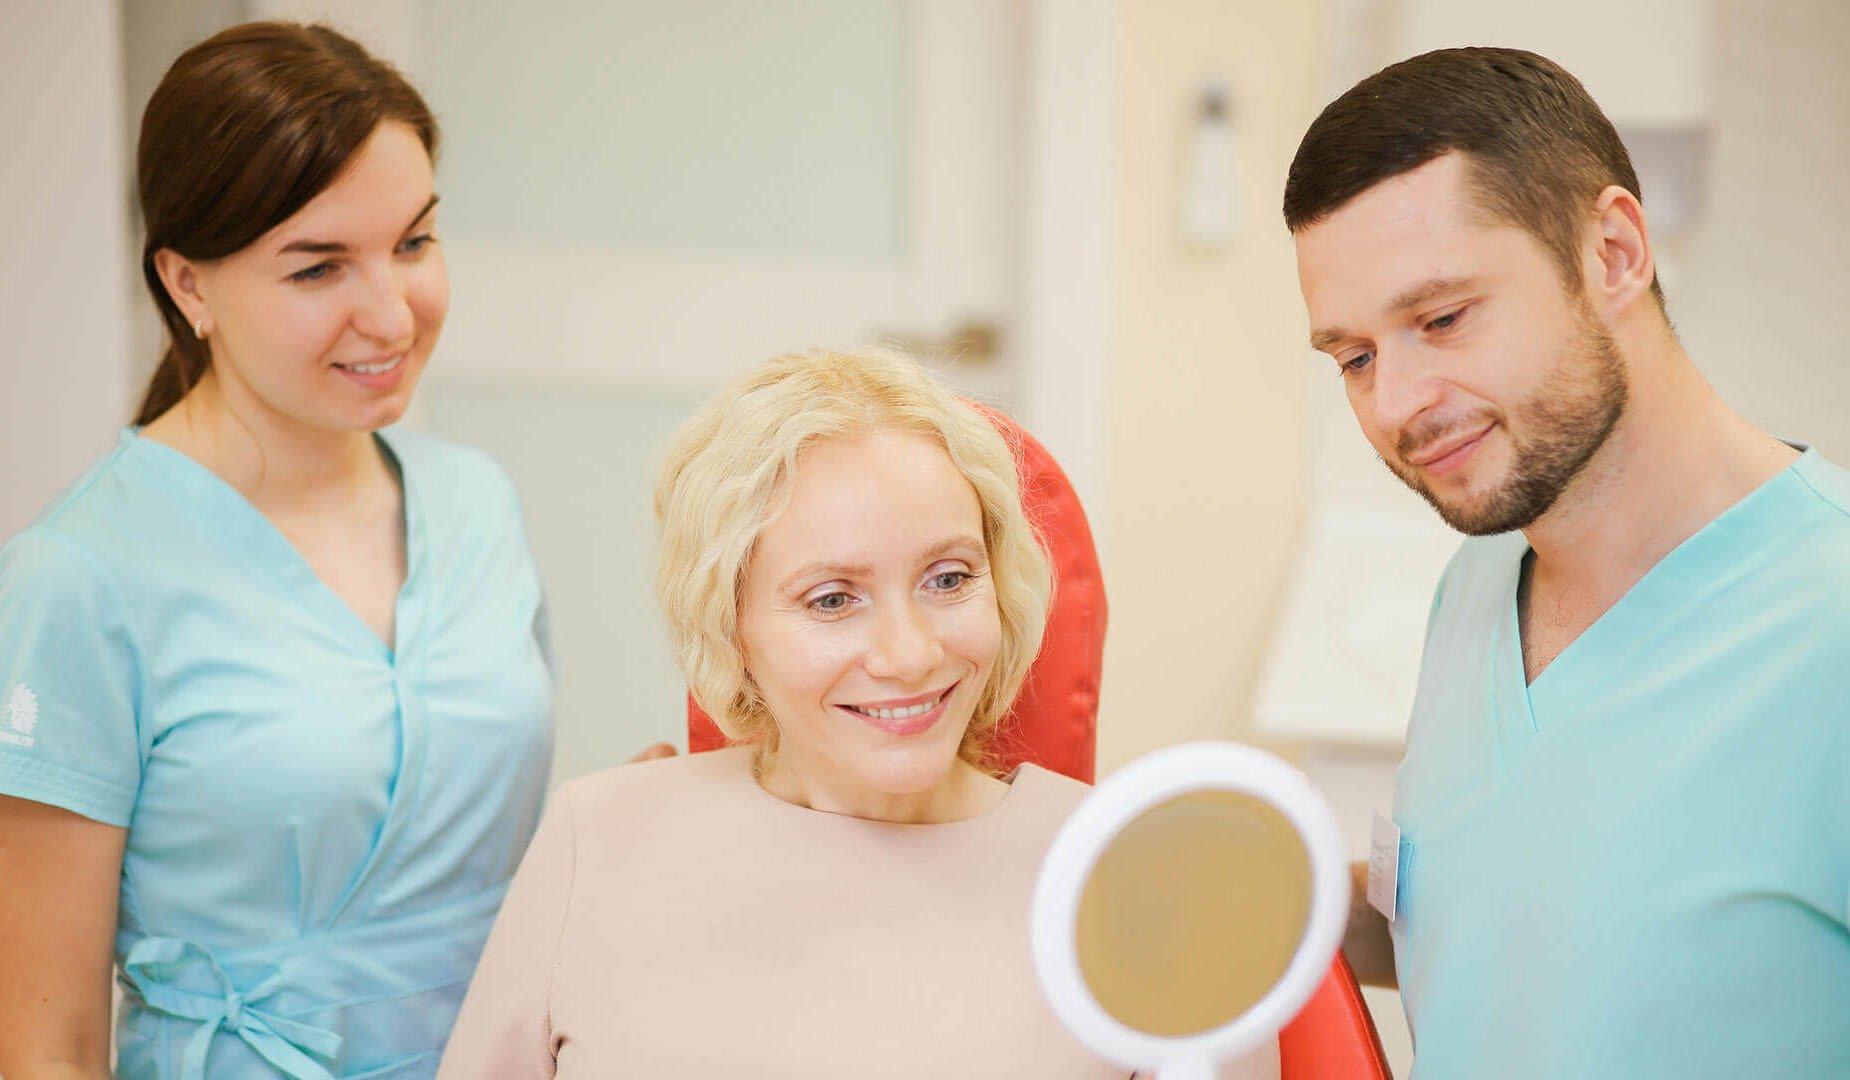 Пациентка оценивает свою улыбку